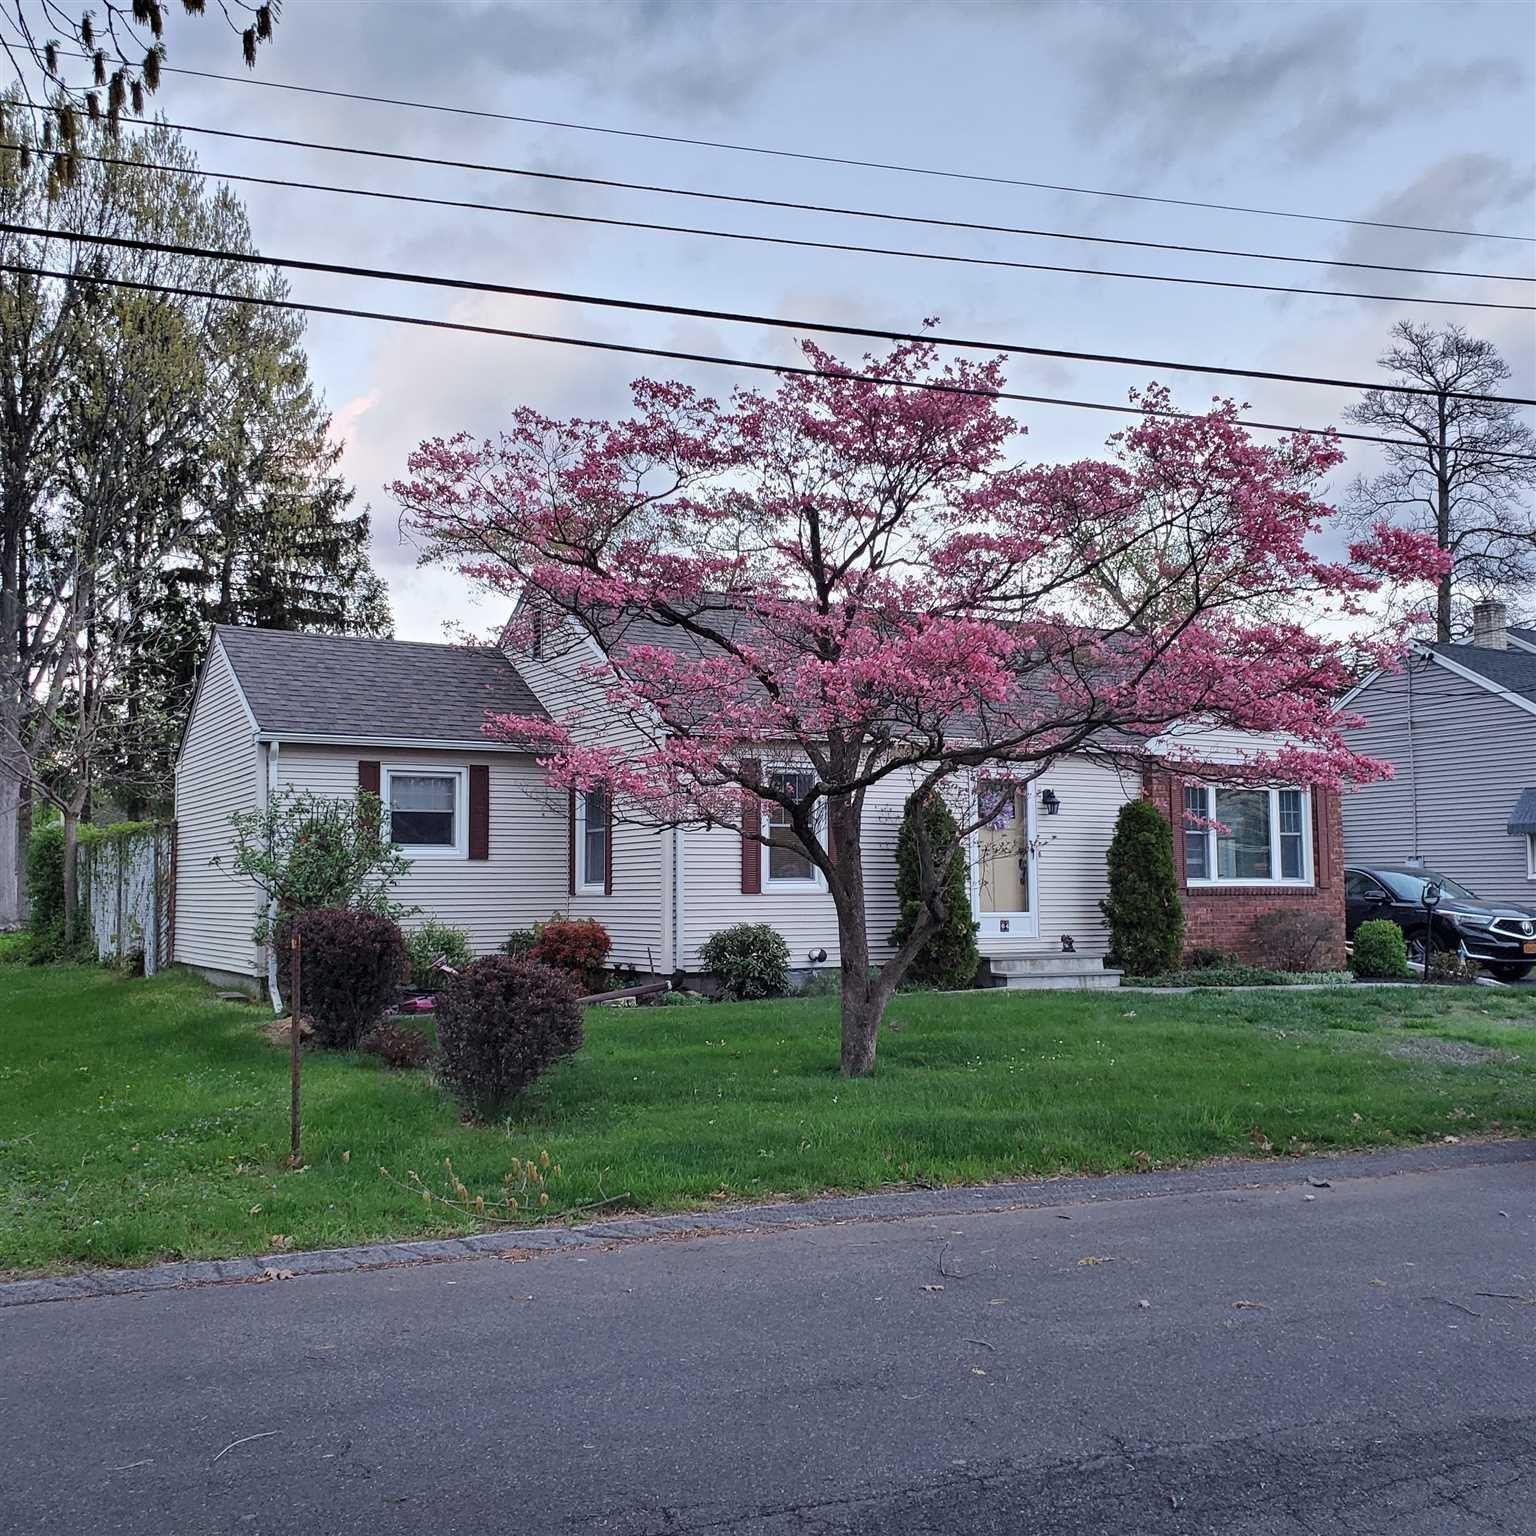 64 GROFF ST., Kingston, NY 12401 - #: 400455